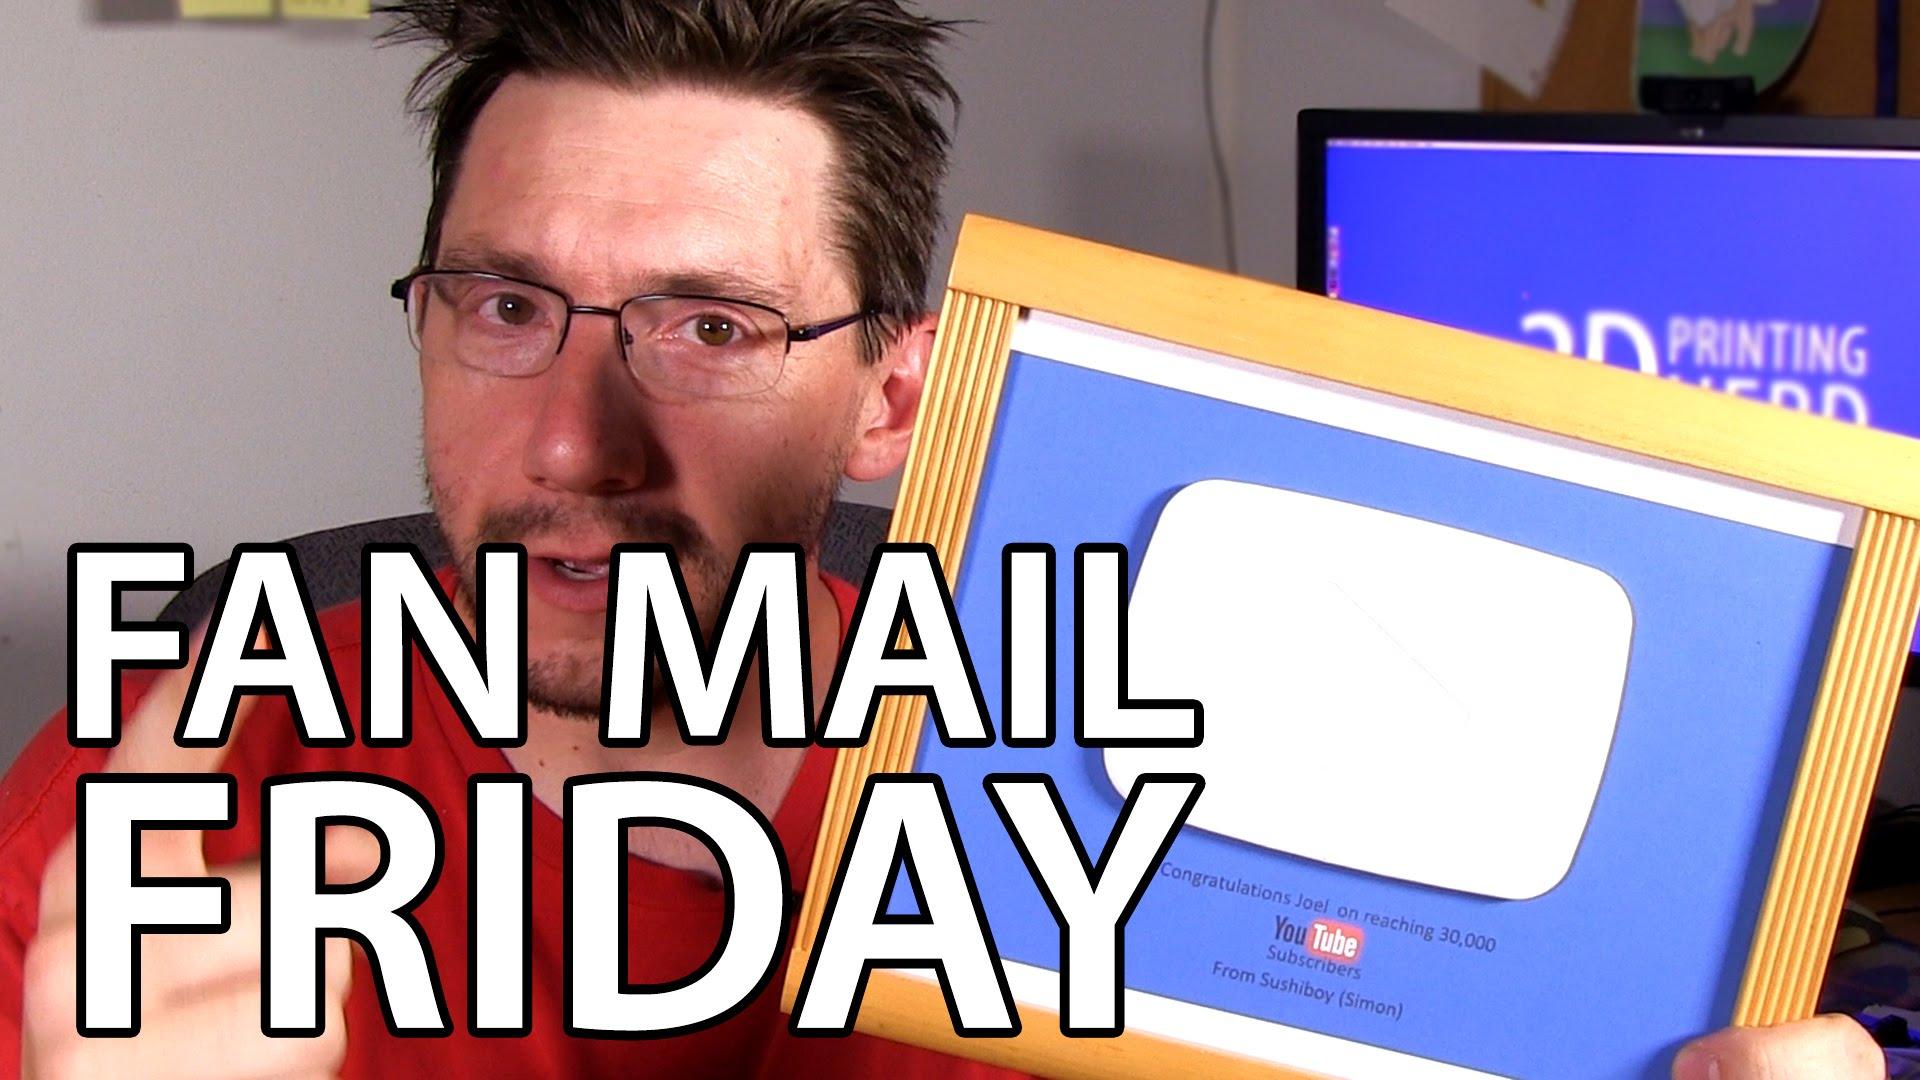 Fan Mail Friday 014